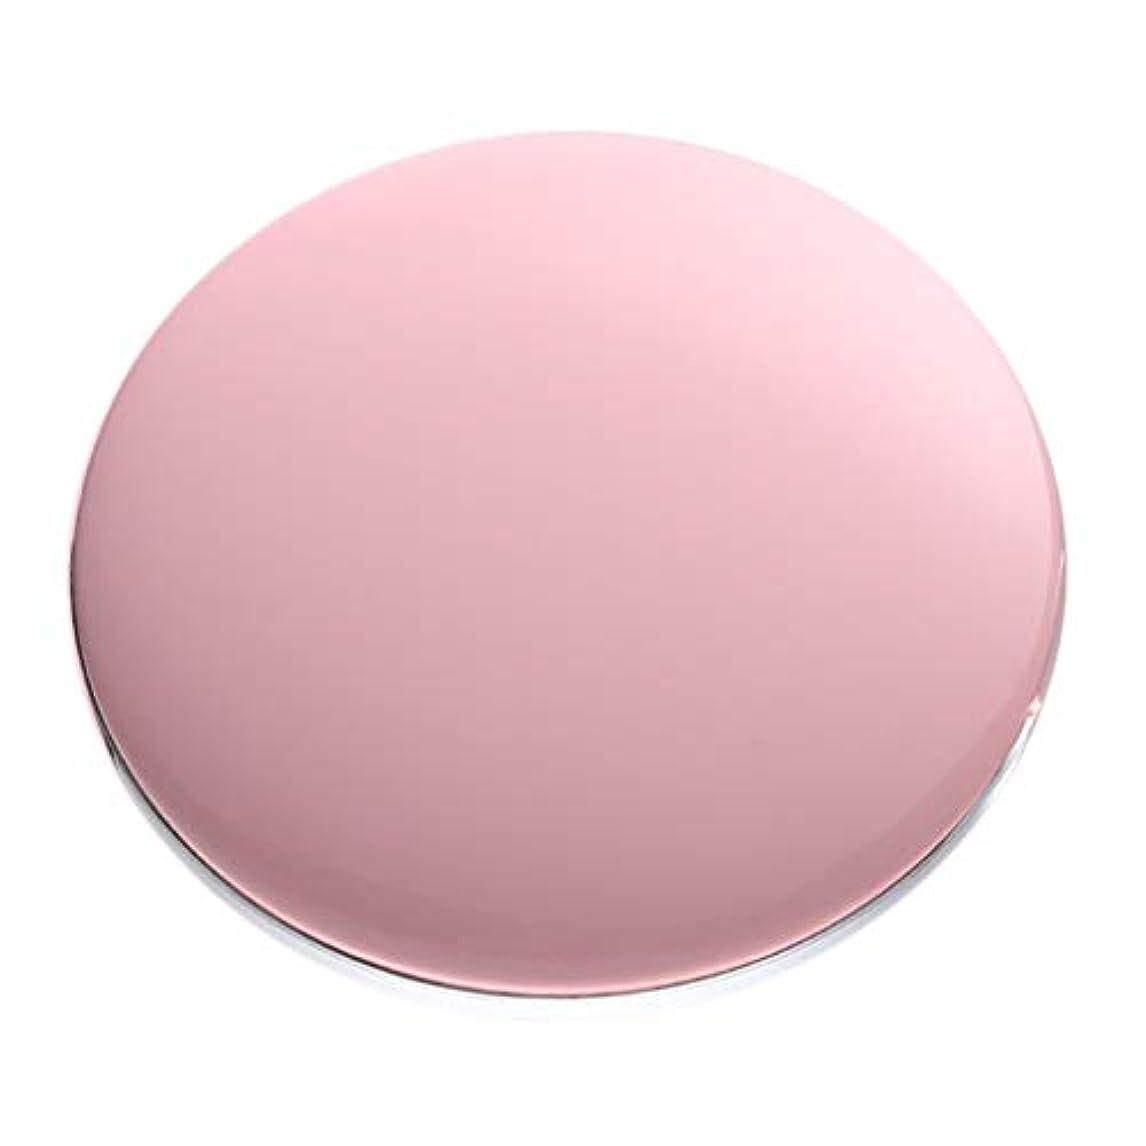 映画ピースマチュピチュ両面コンパクトミラー 拡大鏡付き手鏡 LEDミラー 女優ミラー 3倍拡大 折りたたみ式 充電 全5色 - ピンク